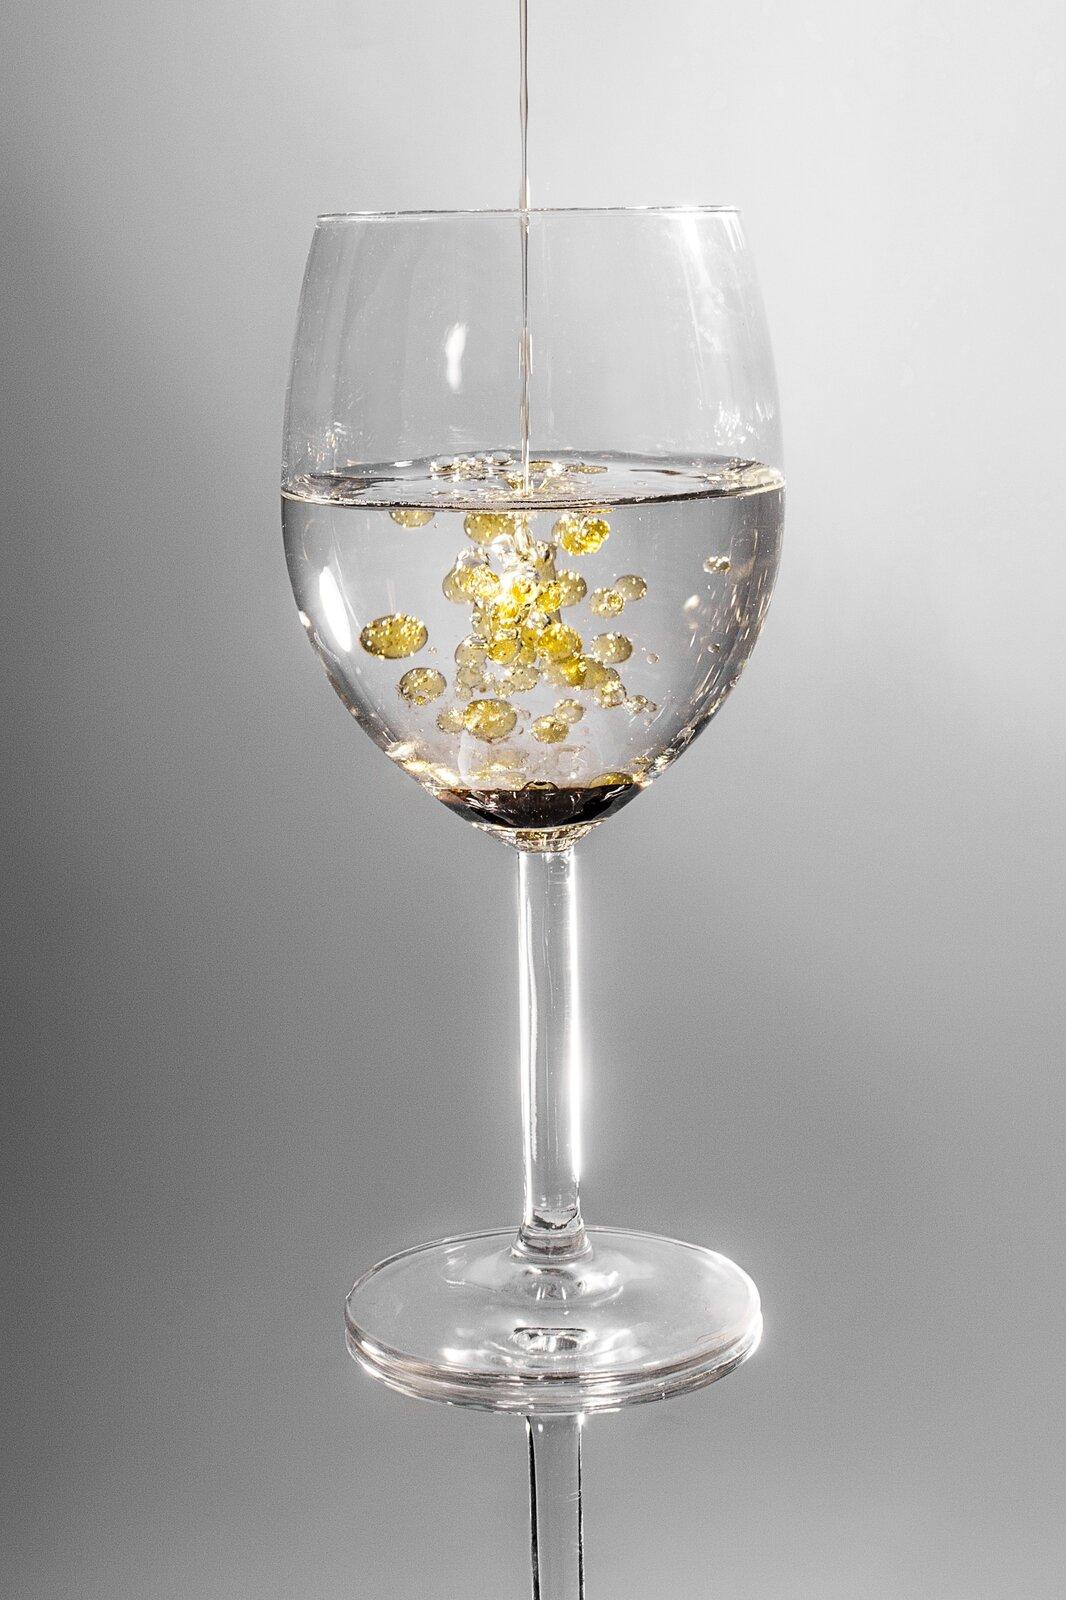 Zdjęcie kieliszka zwodą do której wlewana jest wąska struga oleju. Olej wwodzie tworzy wyraźne złote krople.